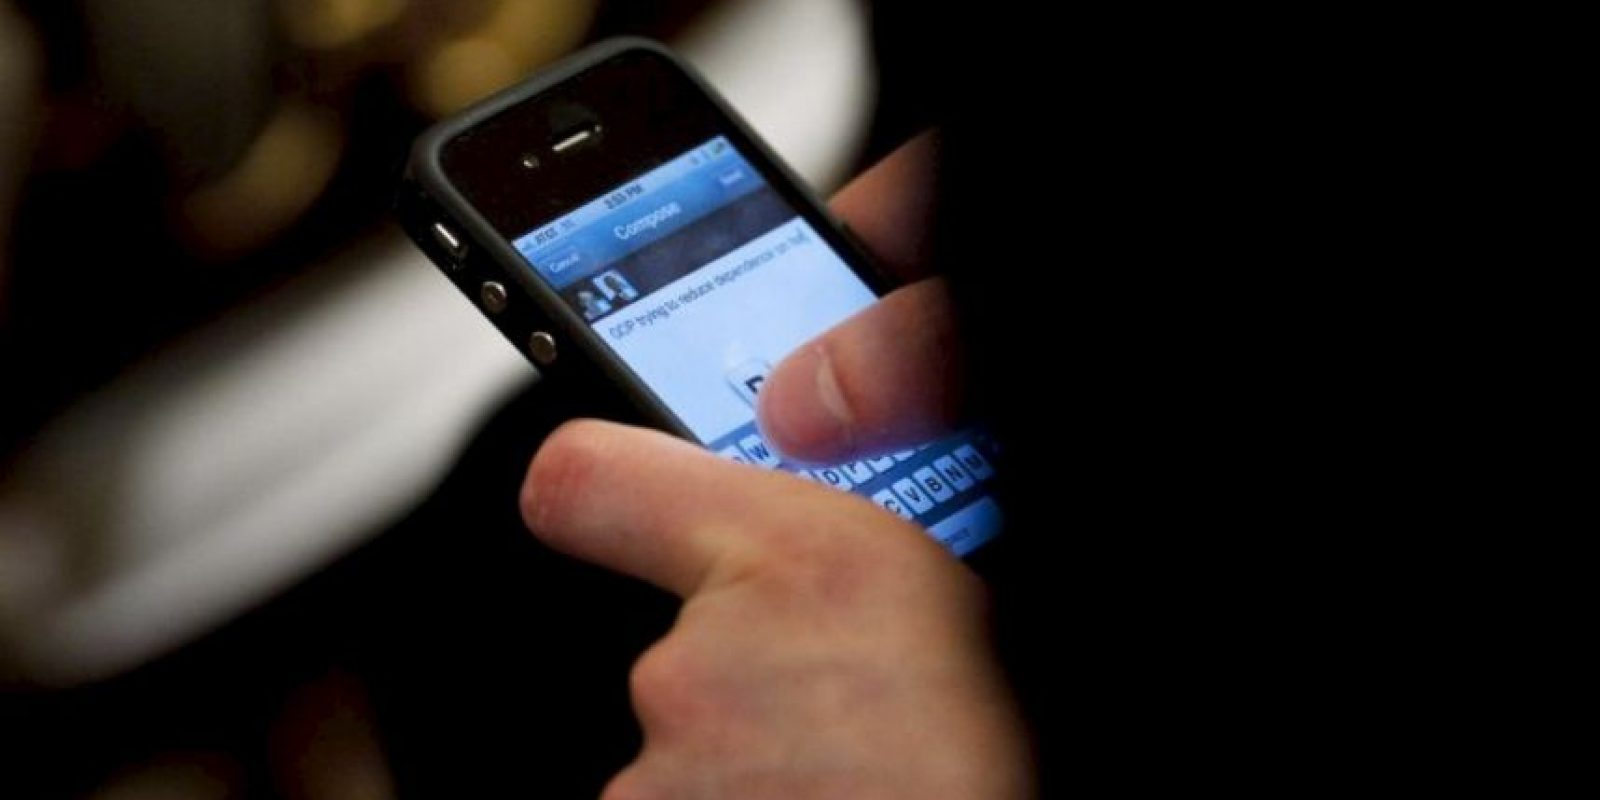 Que se refiere a la ansiedad o miedo irracional a quedarse sin acceso al celular. Foto:Getty Images. Imagen Por: